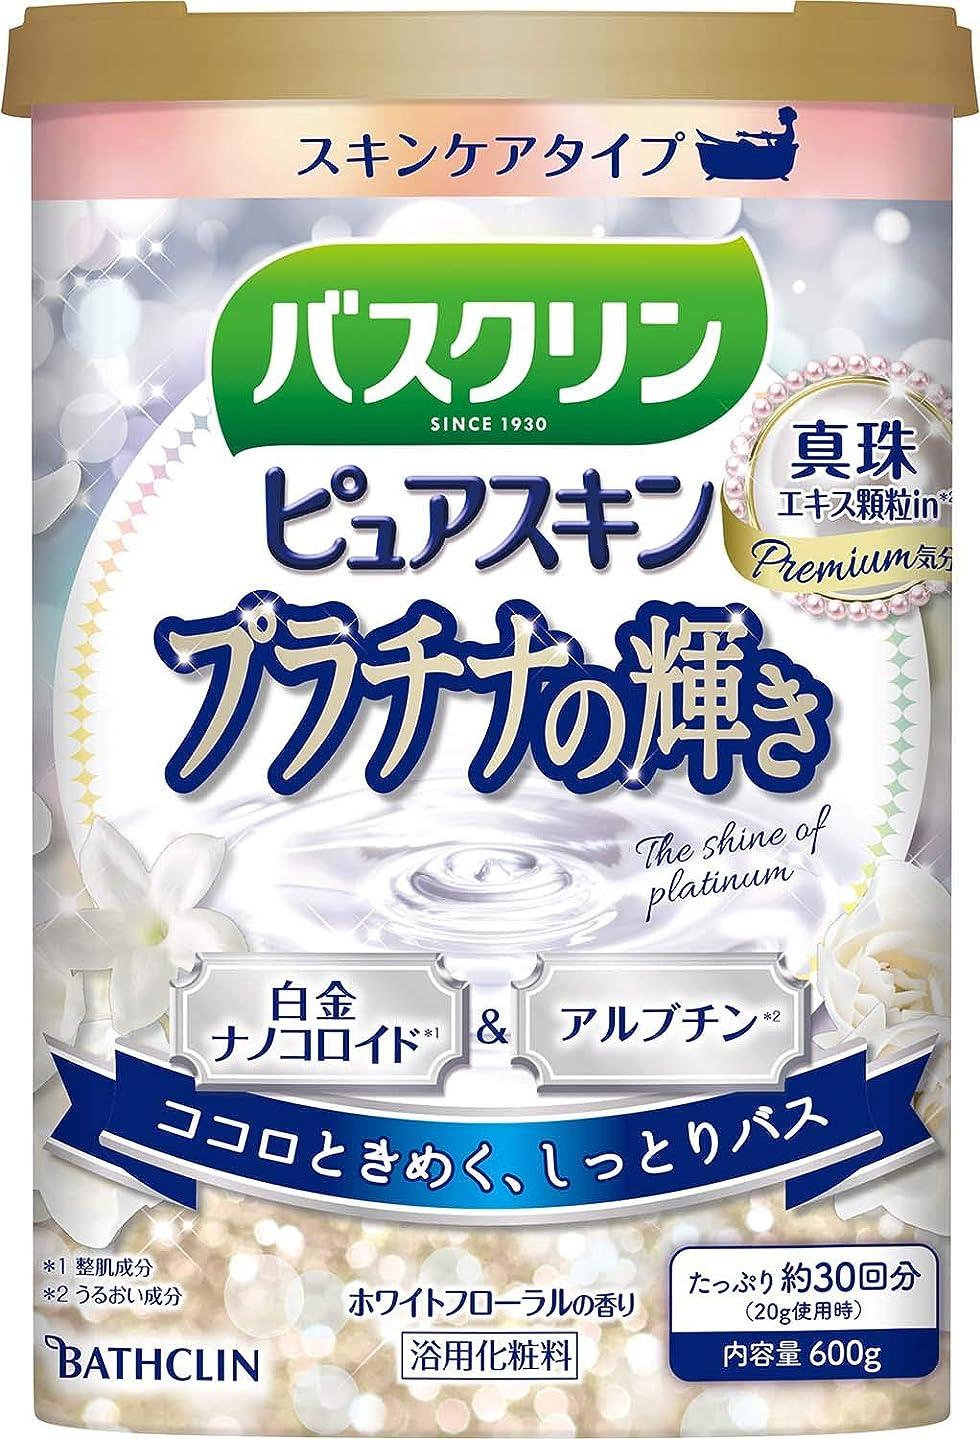 注目すべきすごい壊すバスクリンピュアスキン入浴剤 プラチナの輝き600g(約30回分) スキンケアにごりタイプ